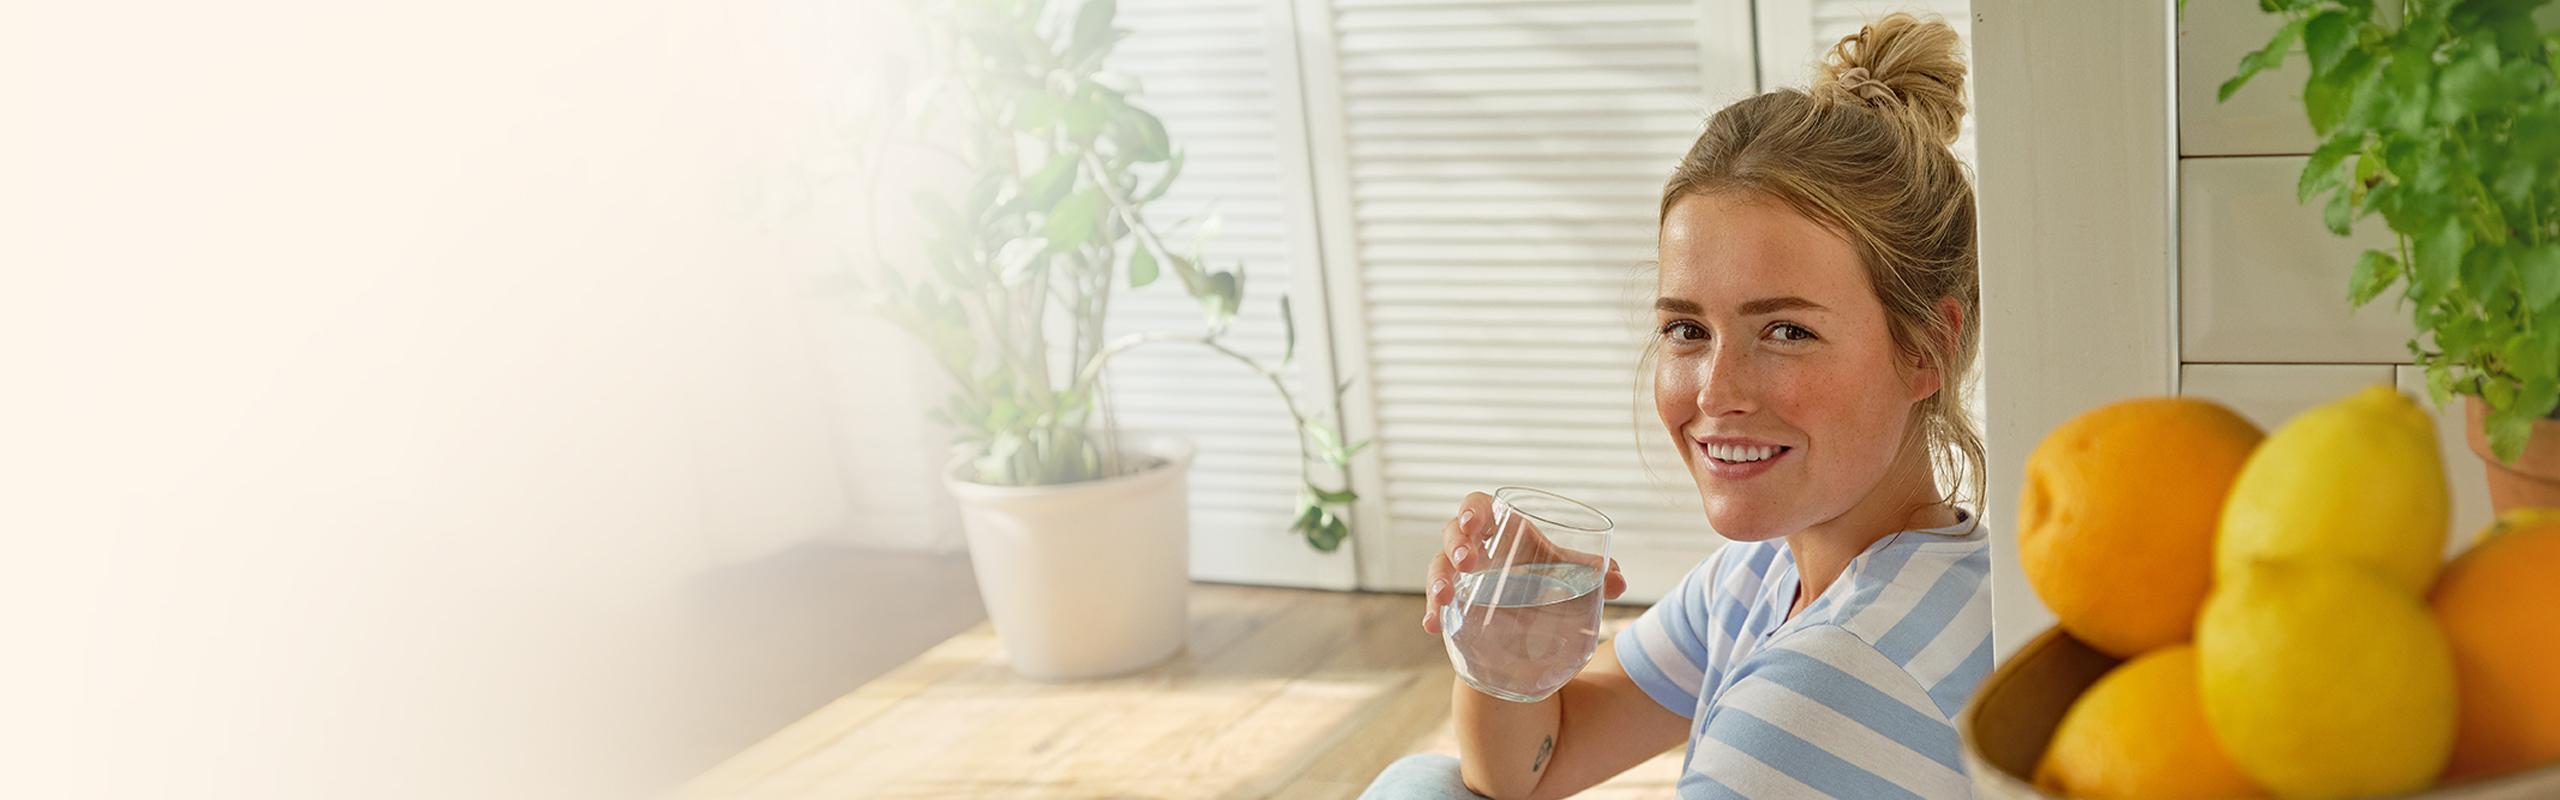 Une femme boit de l'eau filtrée BRITA